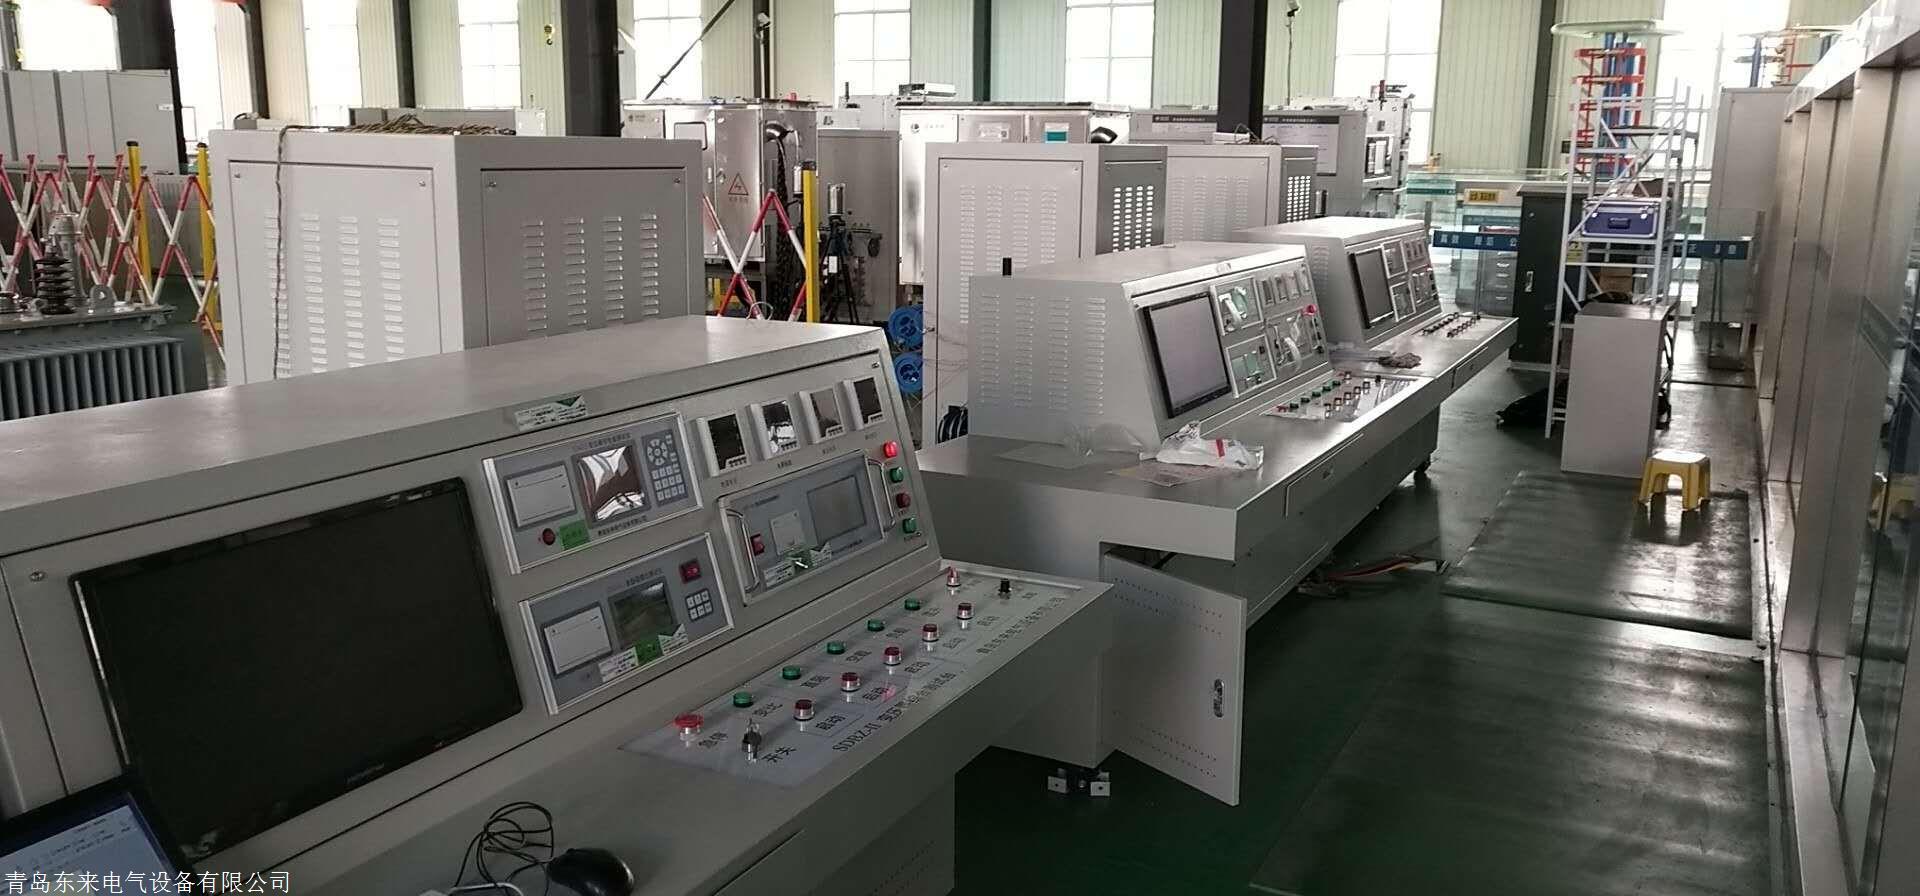 温升试验设备厂家 温升大电流源